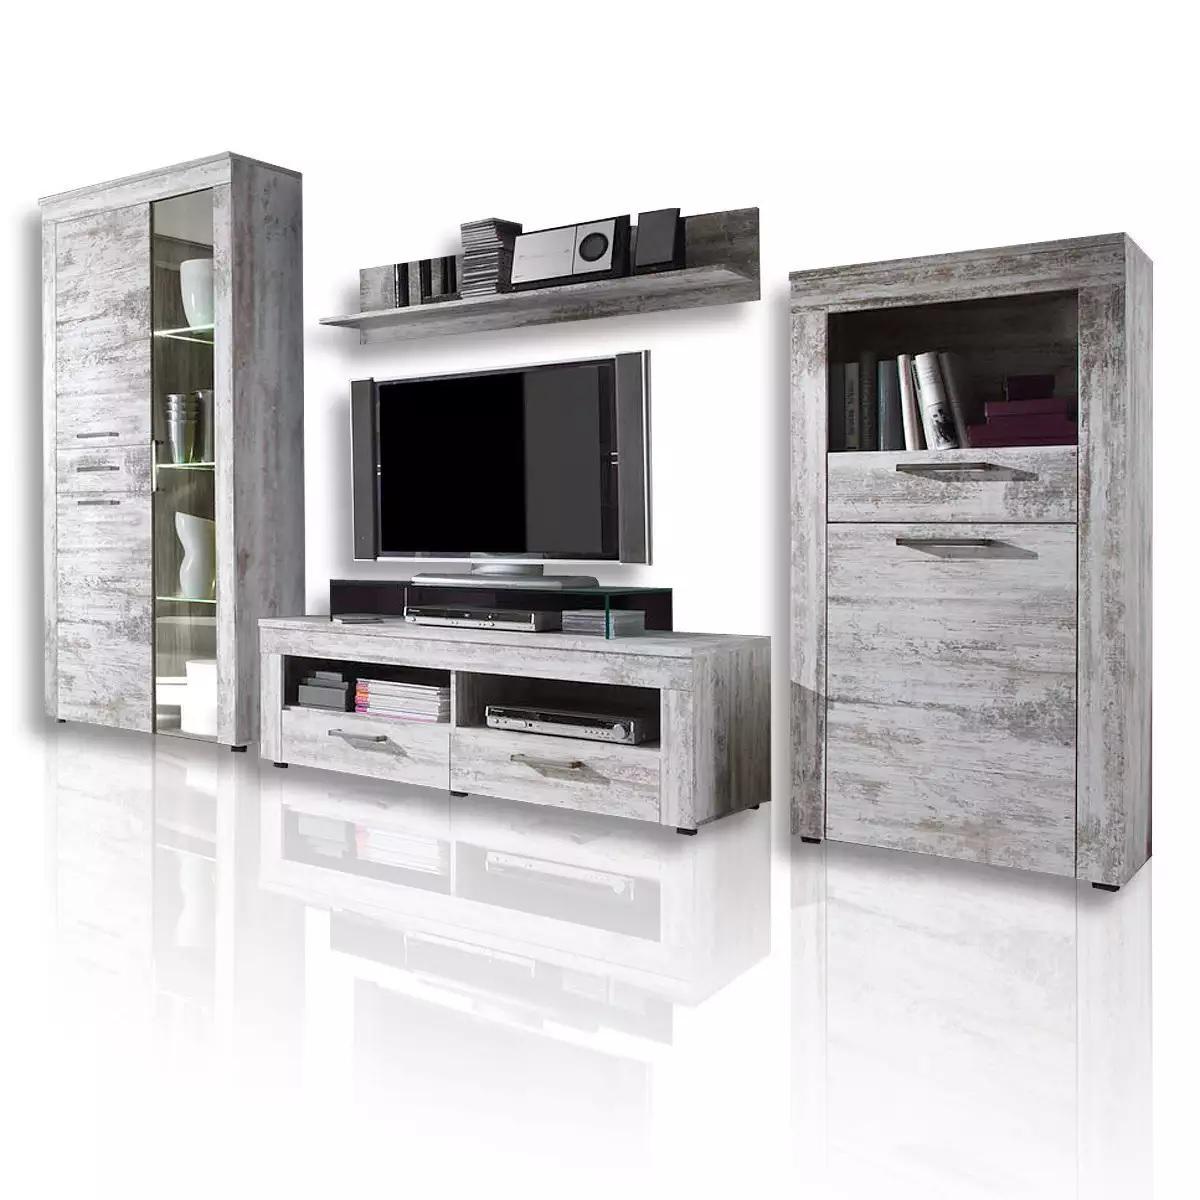 36 sparen wohnwand river von roller nur 379 99 cherry m bel roller. Black Bedroom Furniture Sets. Home Design Ideas